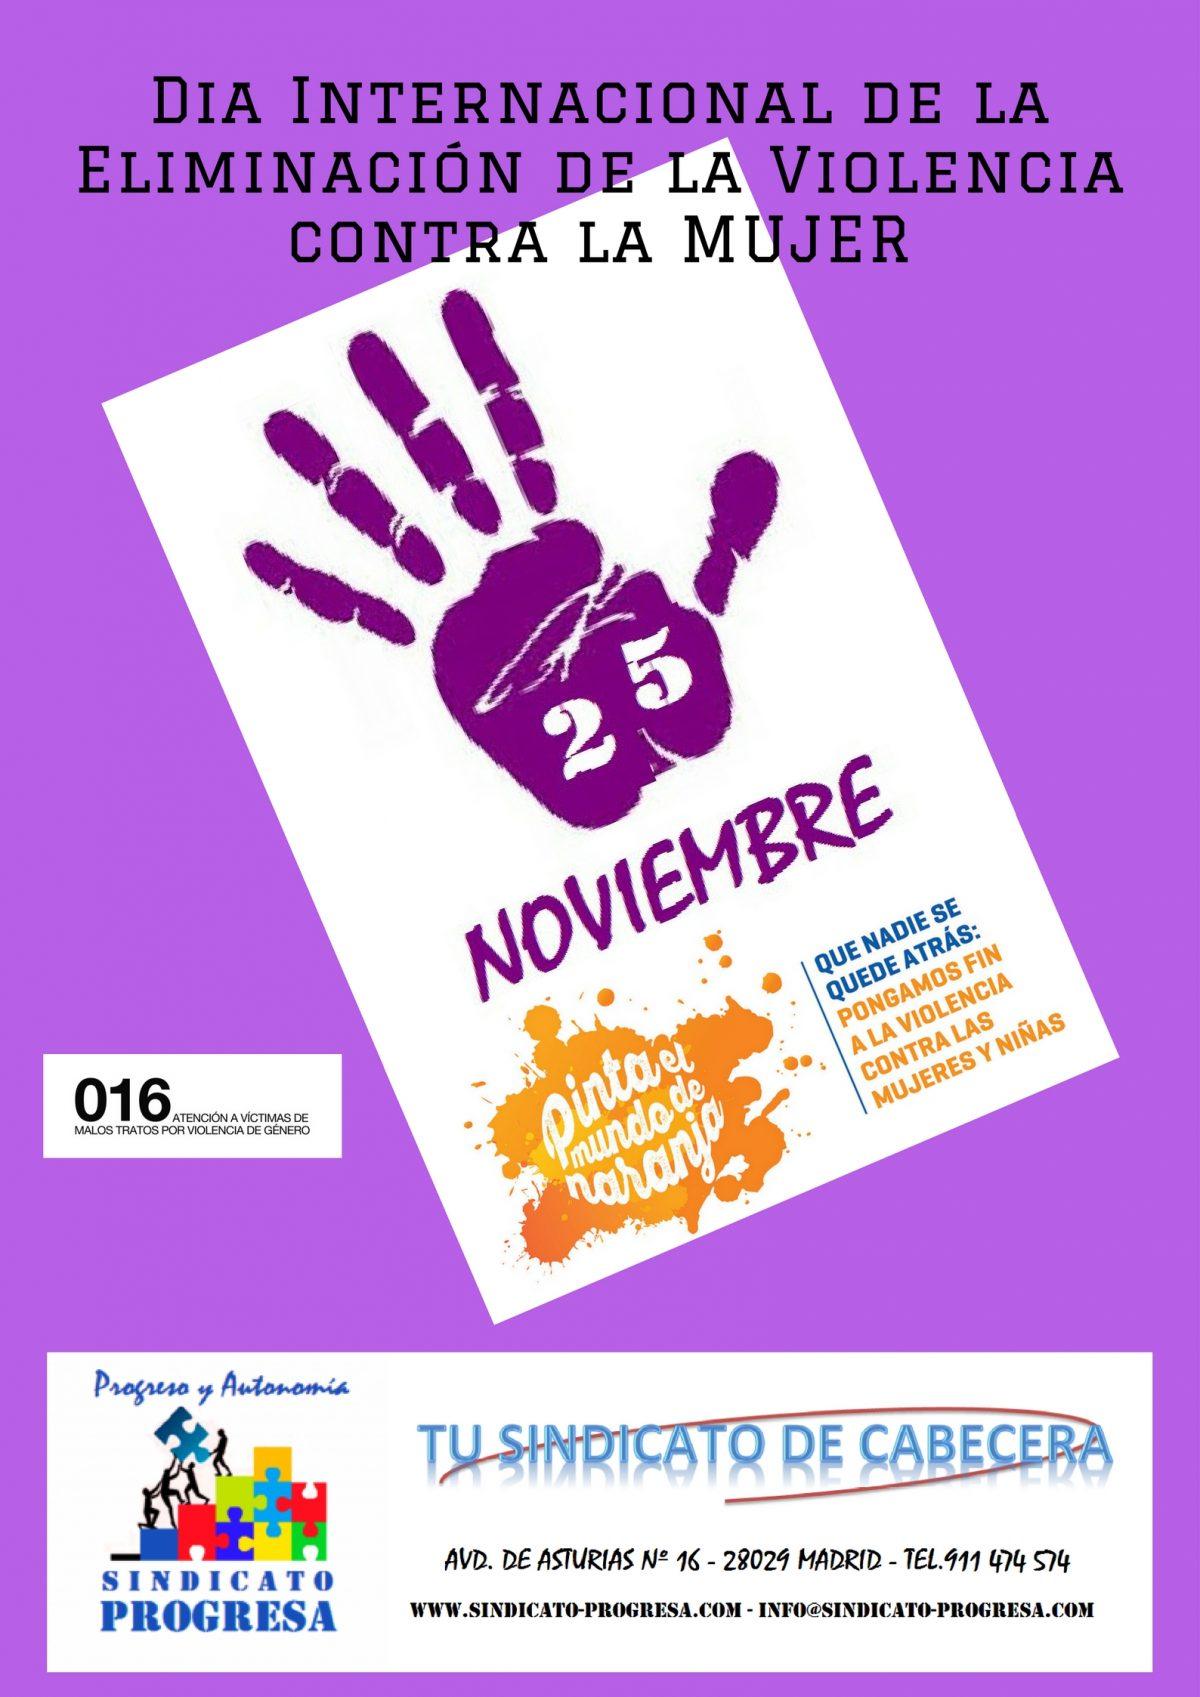 25-N DIA INTERNACIONAL DE LA ELIMINACIÓN DE LA VIOLENCIA CONTRA LA MUJER